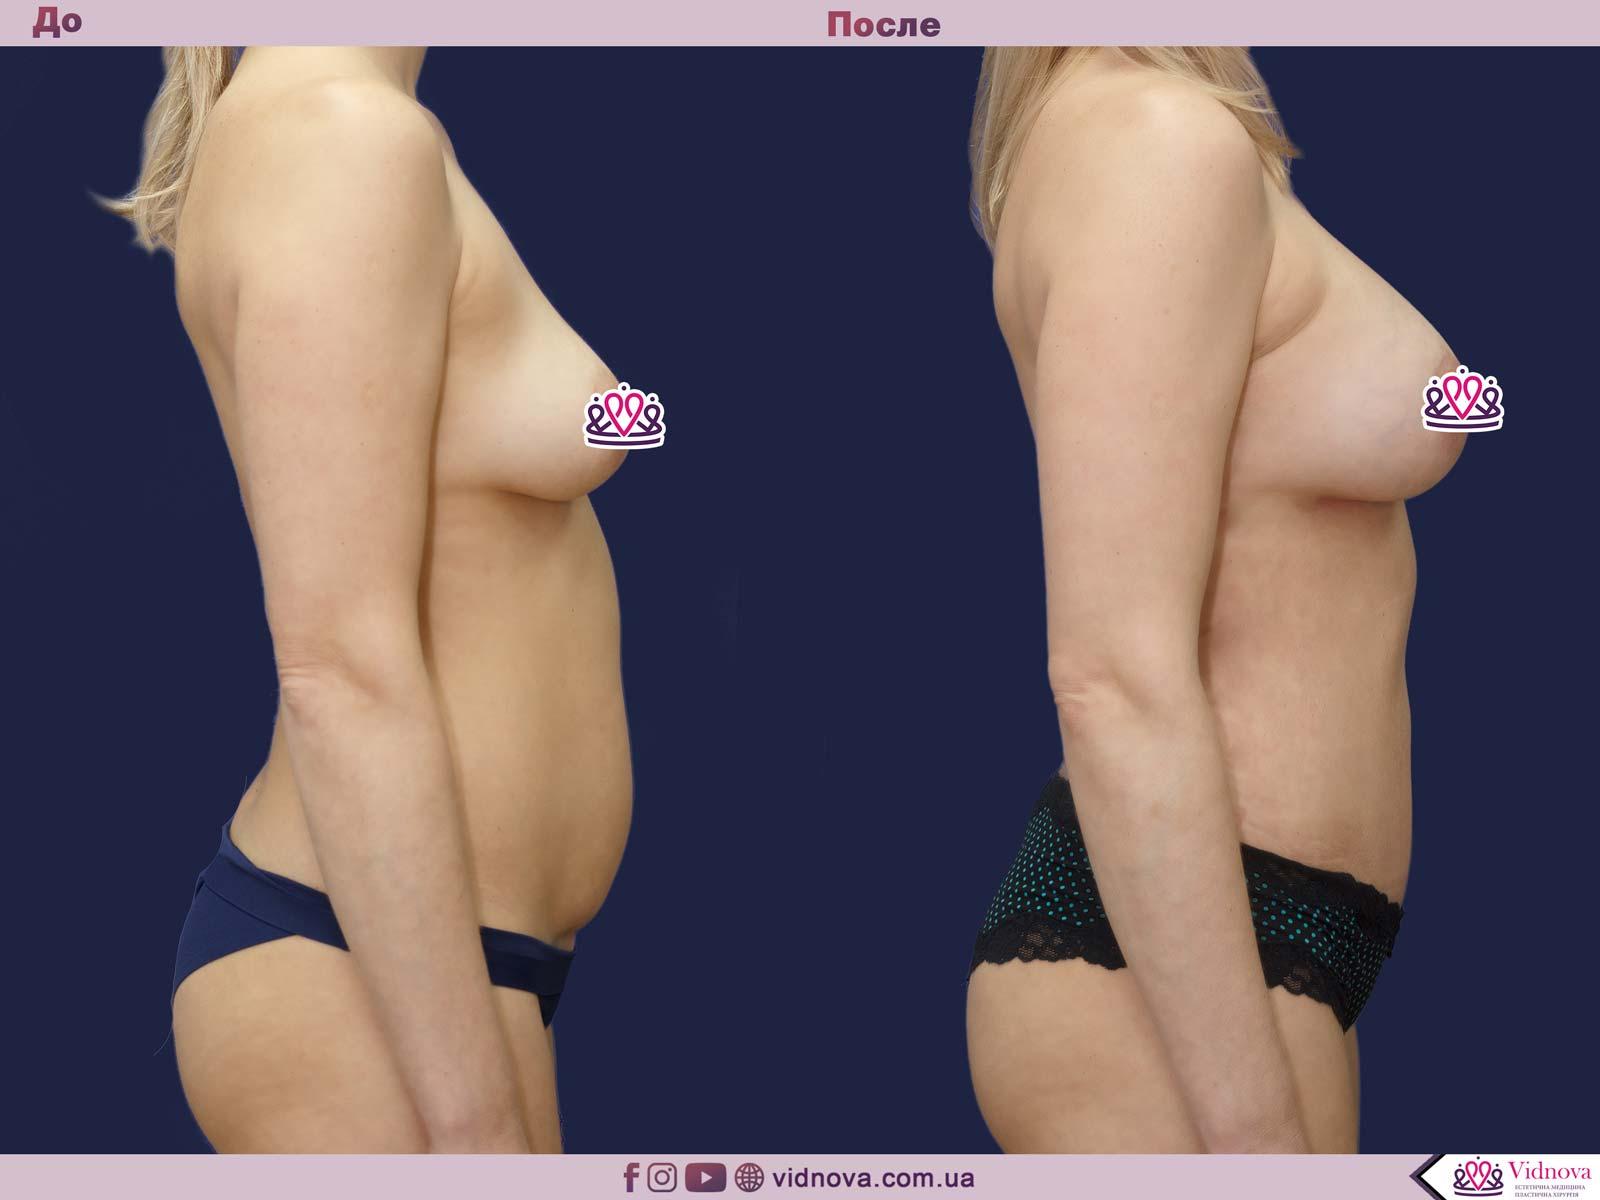 Совмещенные операции: Фото До и После - Пример №7-4 - Клиника Vidnova